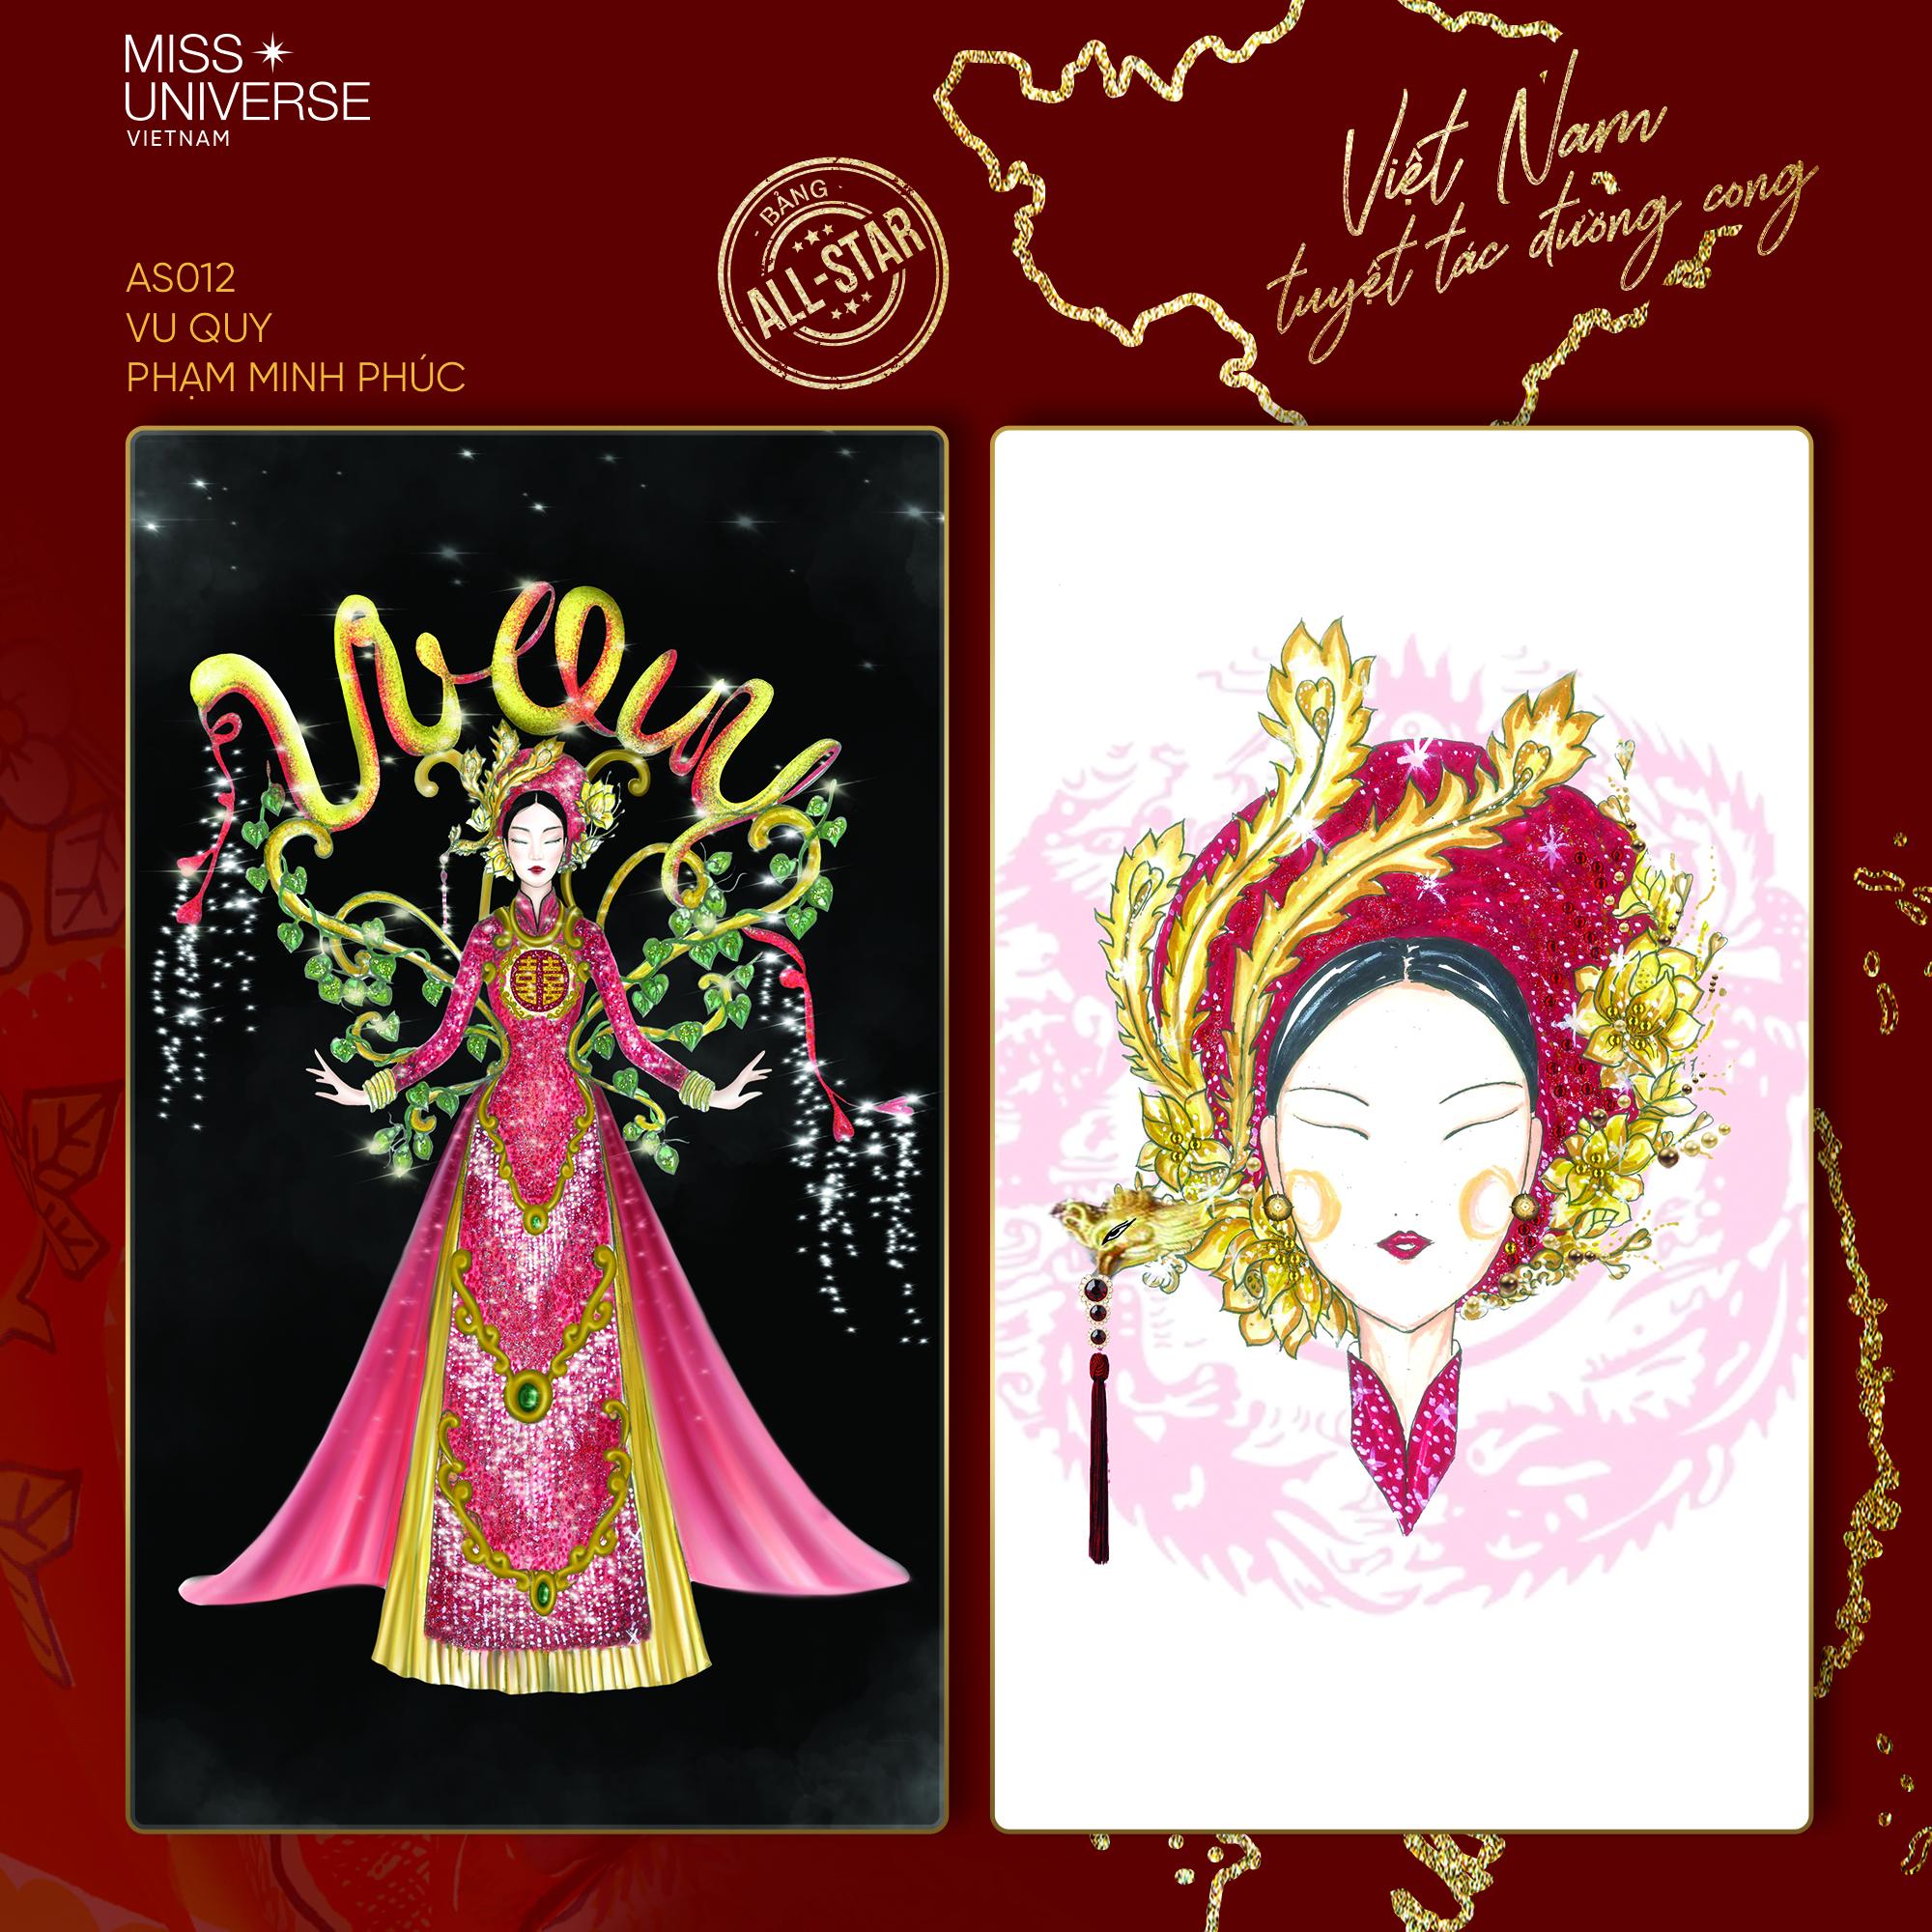 Chủ nhân National Costume Nàng Mây thiết kế váy tàu điện Metro cho Khánh Vân: Cổng trường cũng thành trang phục cực chất Ảnh 8